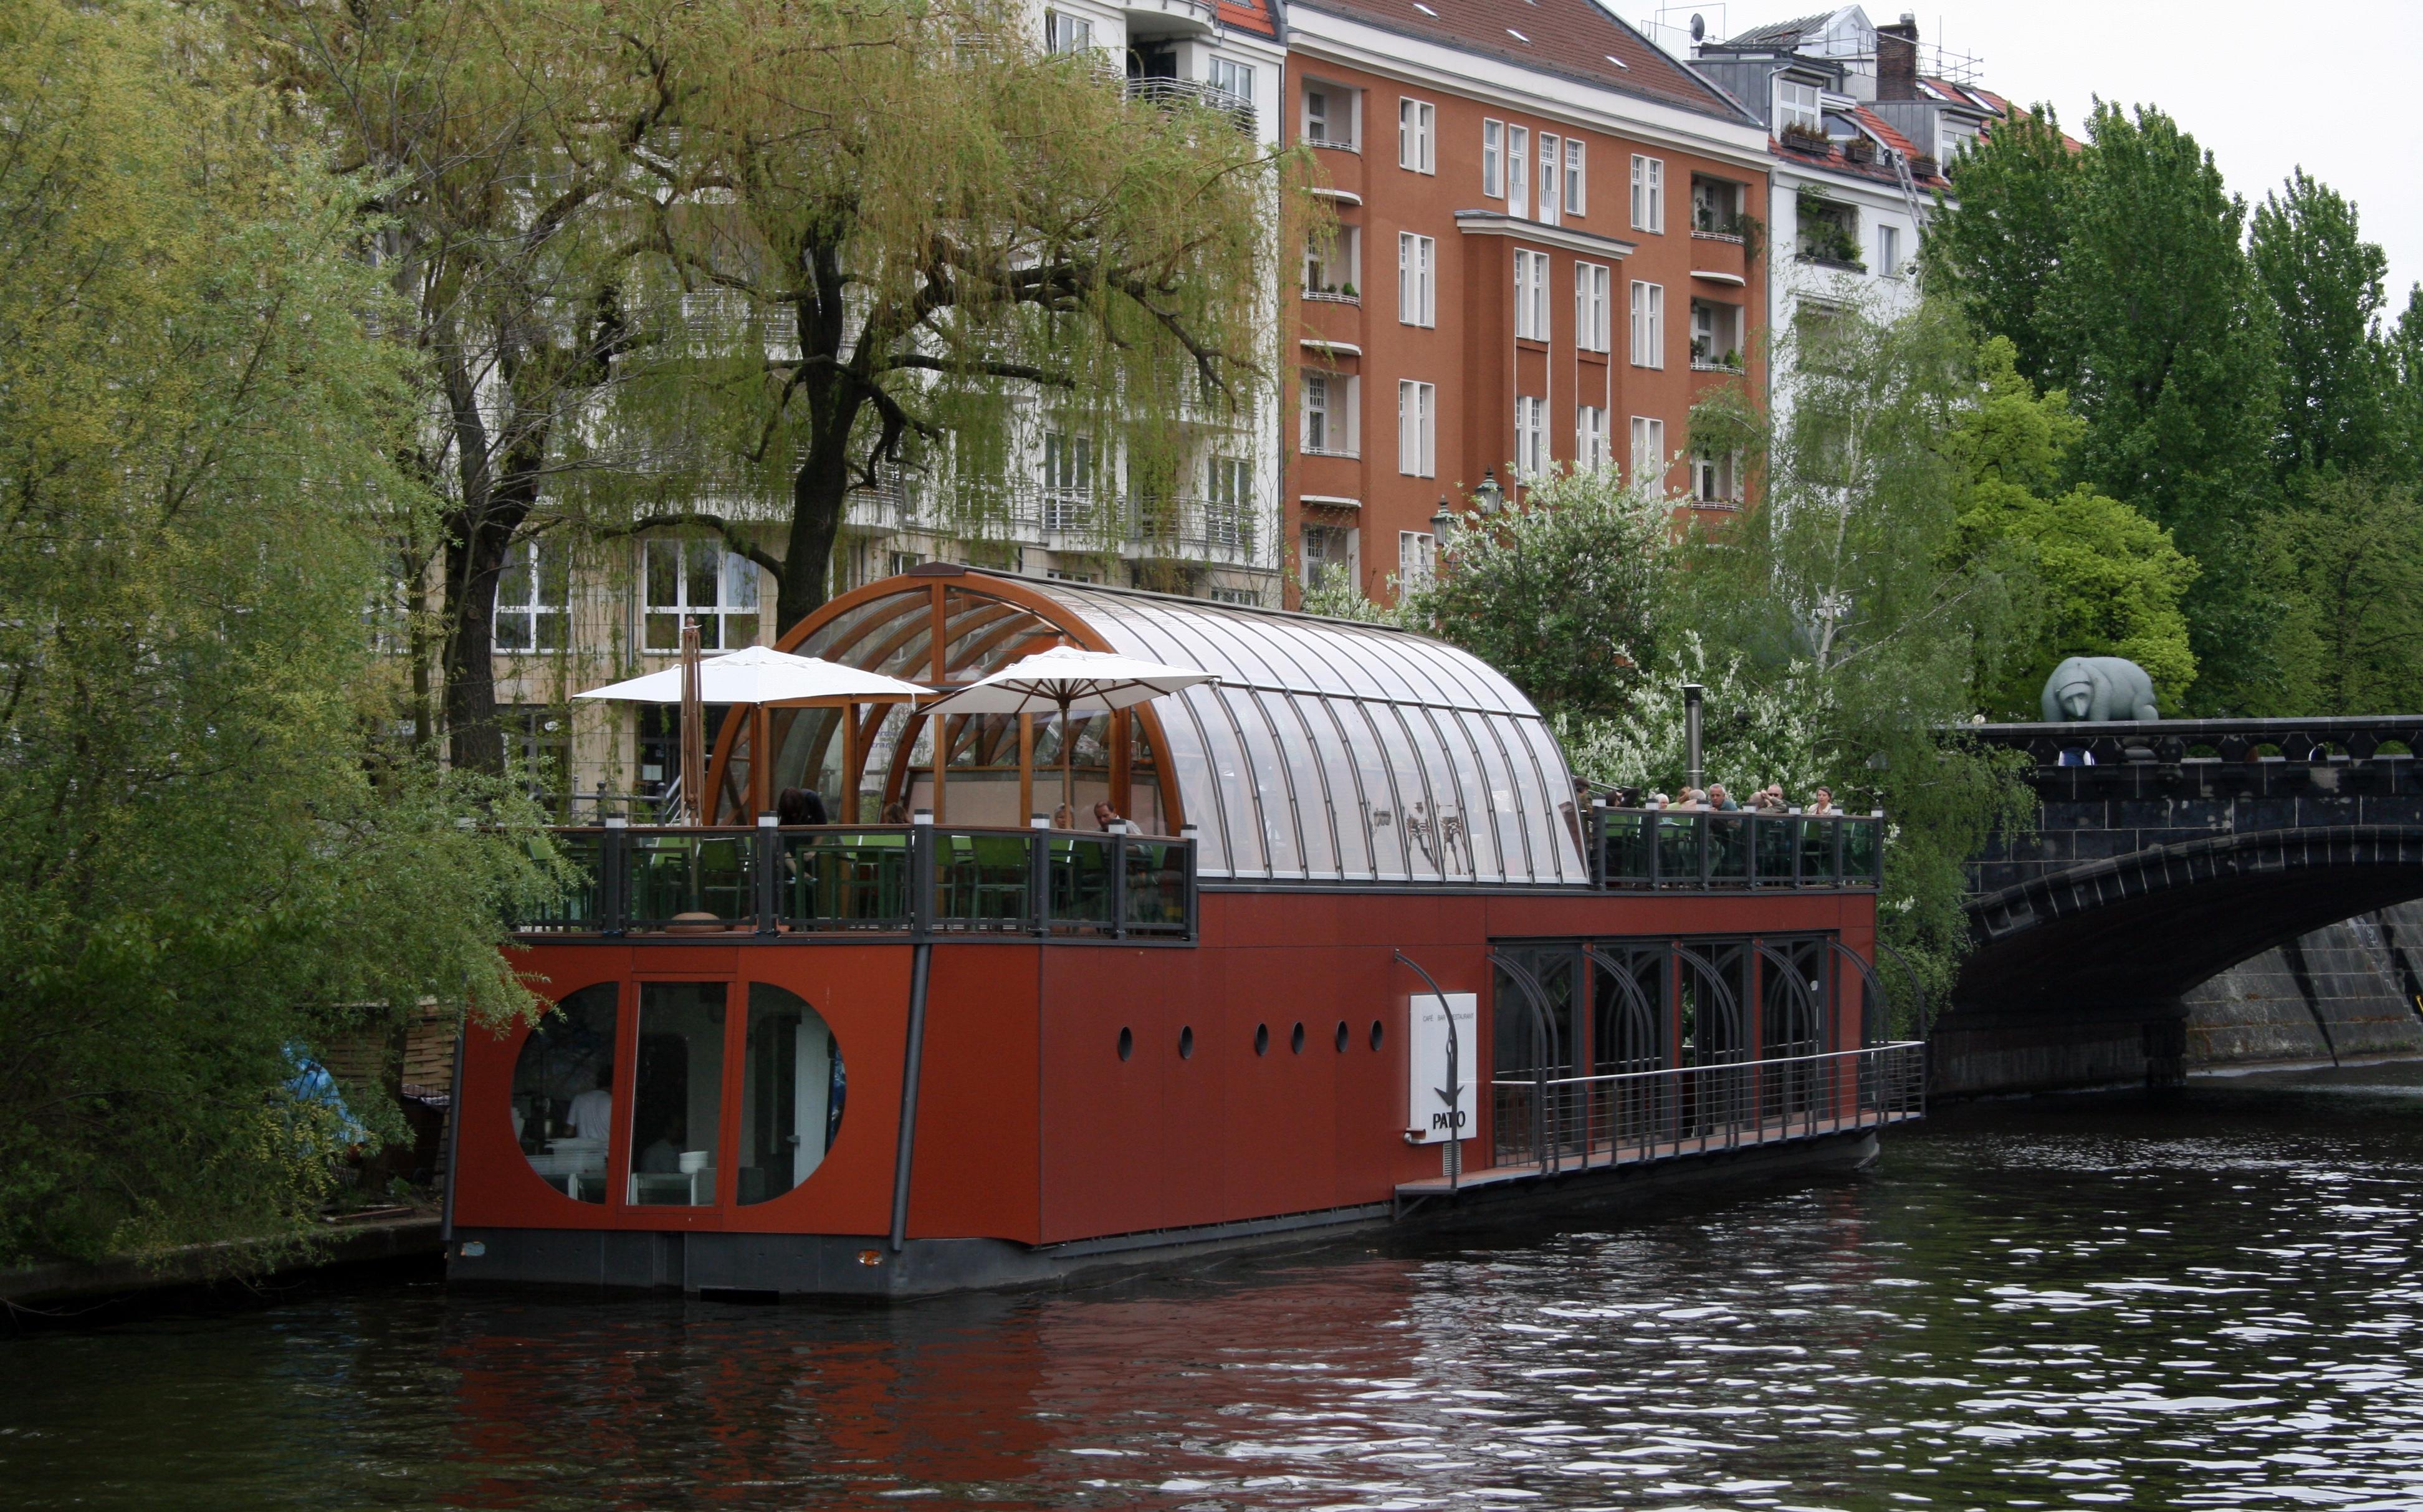 Patio Berlin file 2008 04 29 berlin spree restaurantschiff patio jpg wikimedia